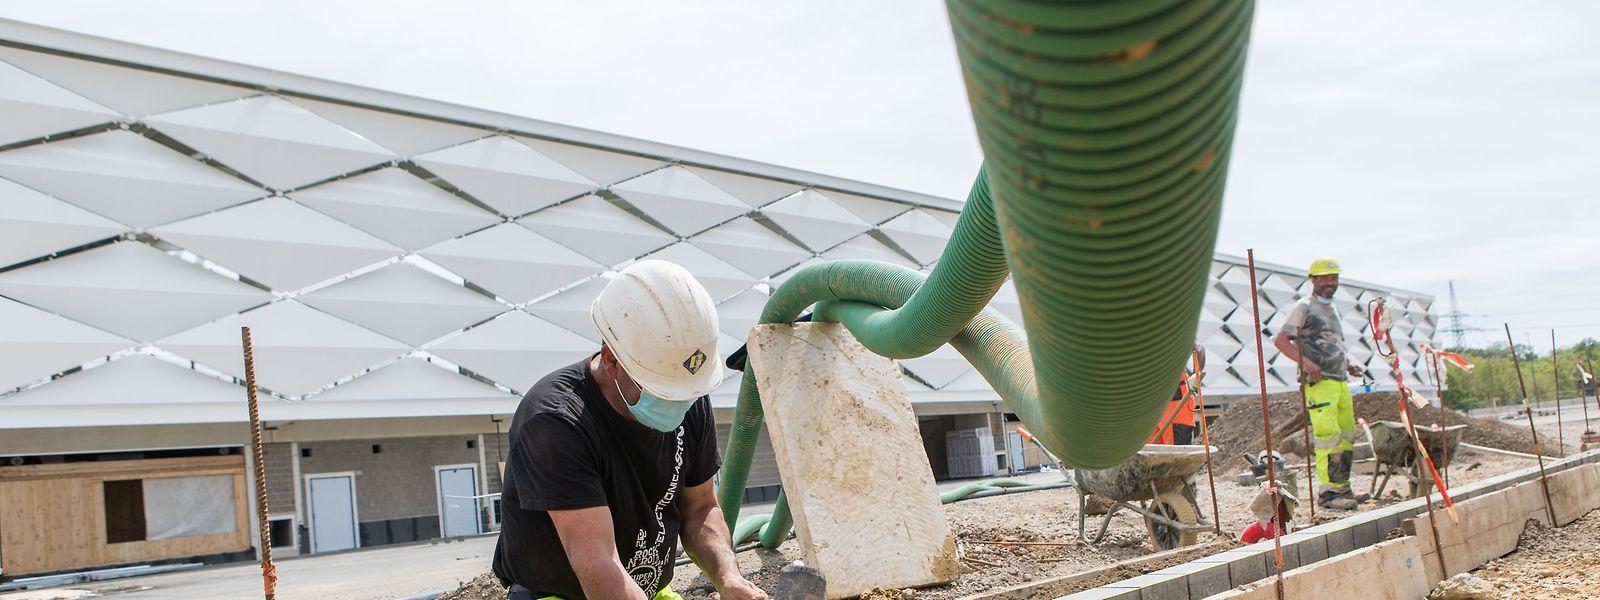 Die Folgen der Corona-Krise haben die Baubranche zunächst nicht so dramatisch getroffen wie andere Branchen.